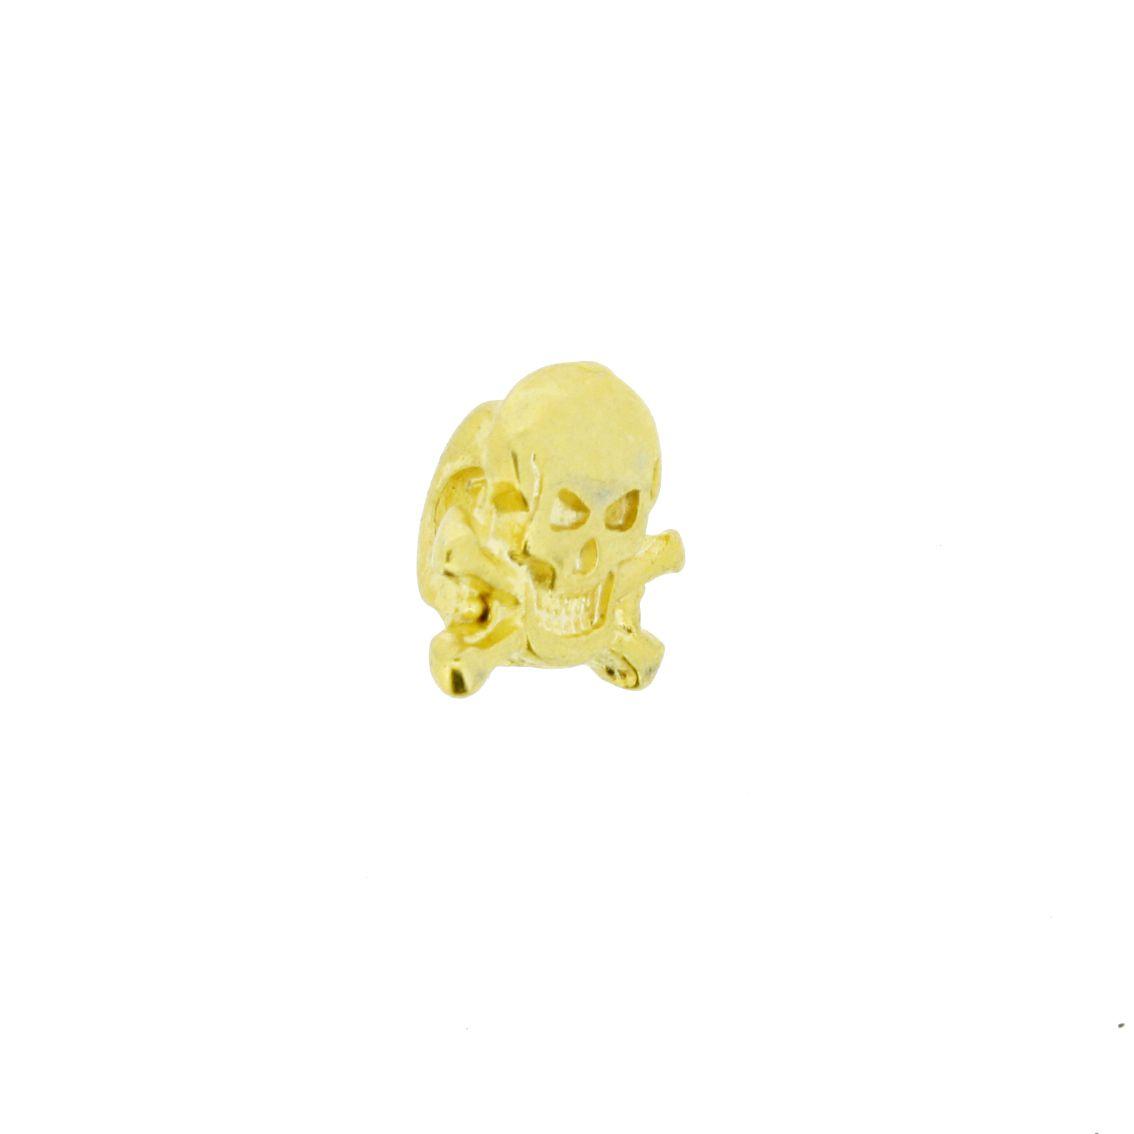 Caveira - Dourado - 10mm - 01 Peça  - Stéphanie Bijoux® - Peças para Bijuterias e Artesanato